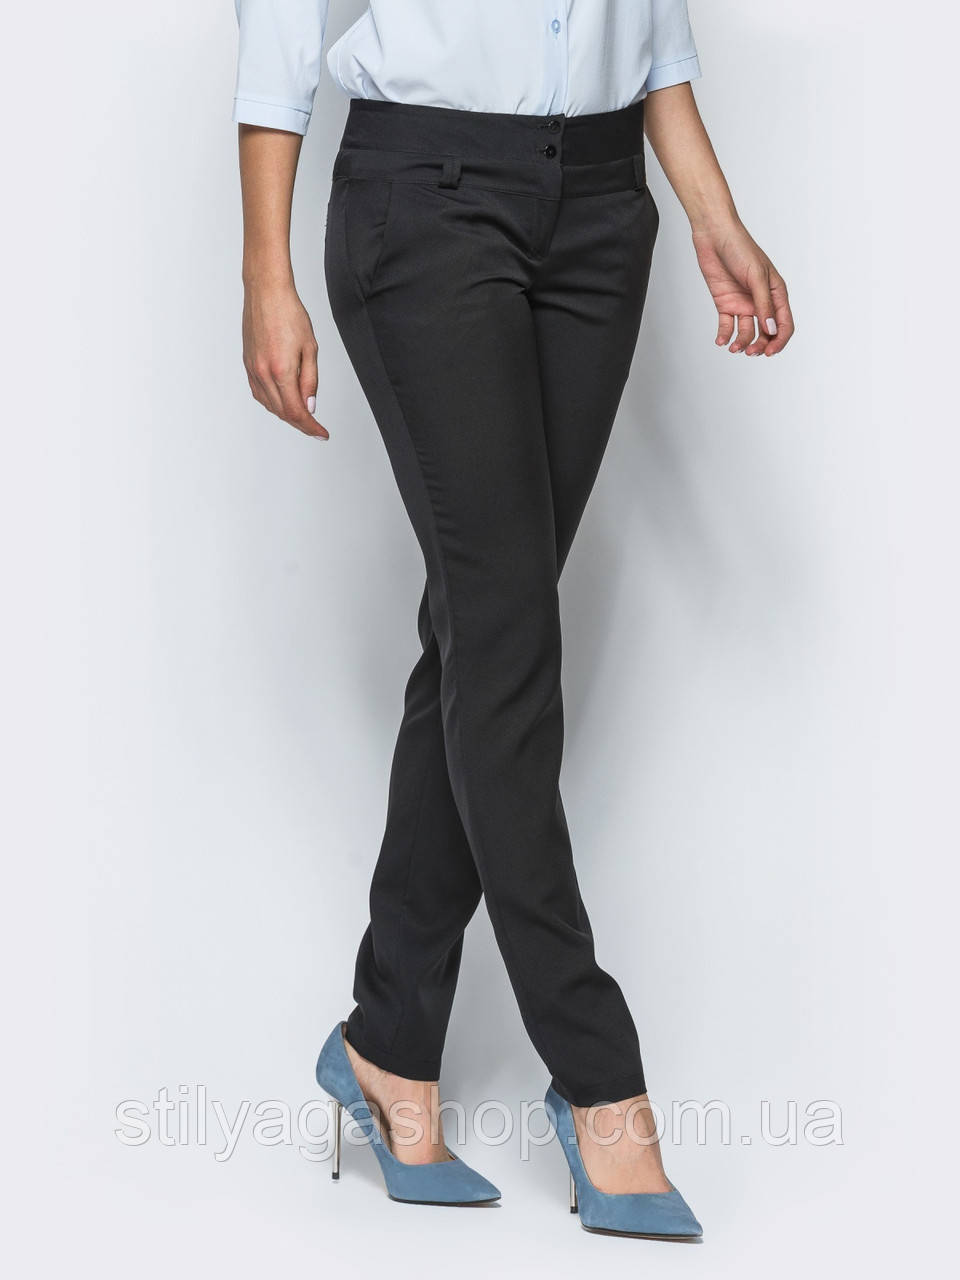 XS, S, M, L, XL/ Базовые брюки классического кроя с боковыми карманами